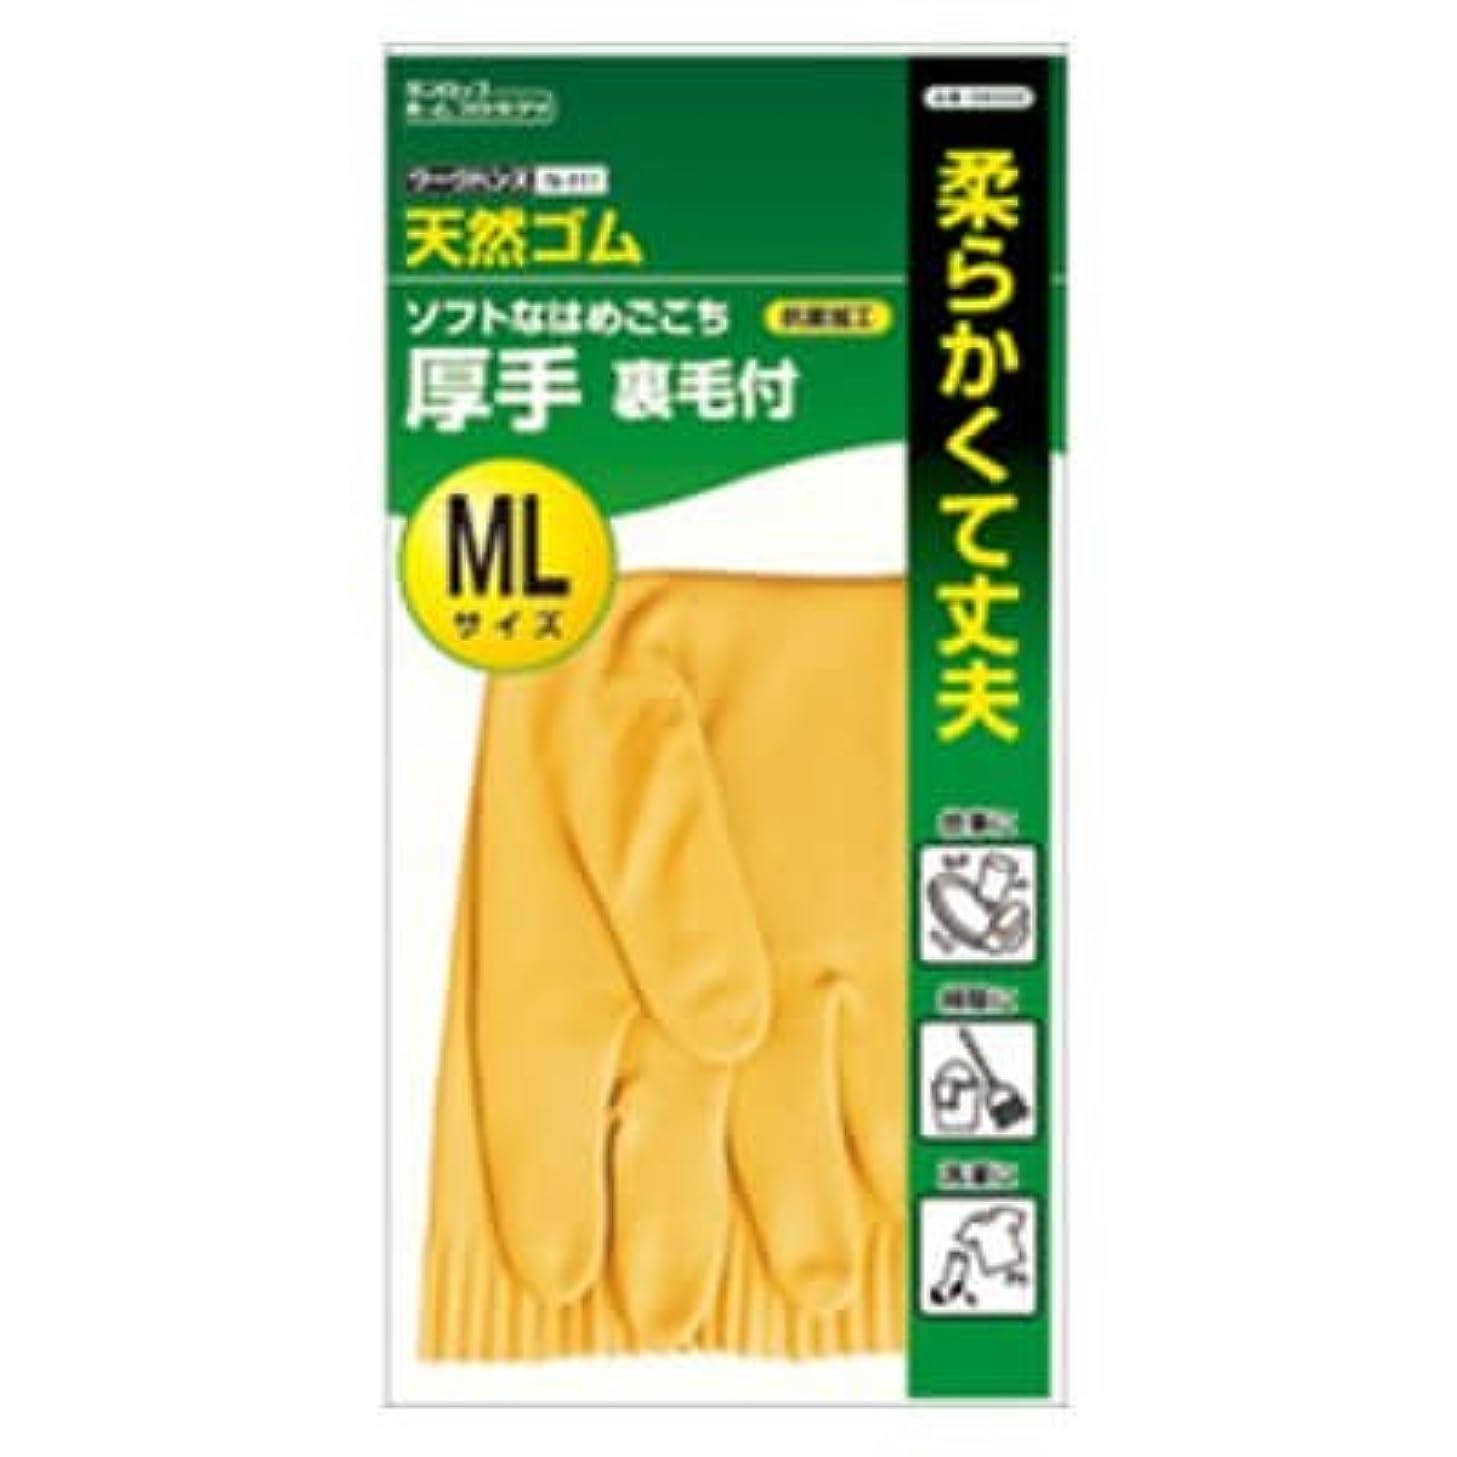 永続一見ドール【ケース販売】 ダンロップ ワークハンズ N-111 天然ゴム厚手 ML オレンジ (10双×12袋)